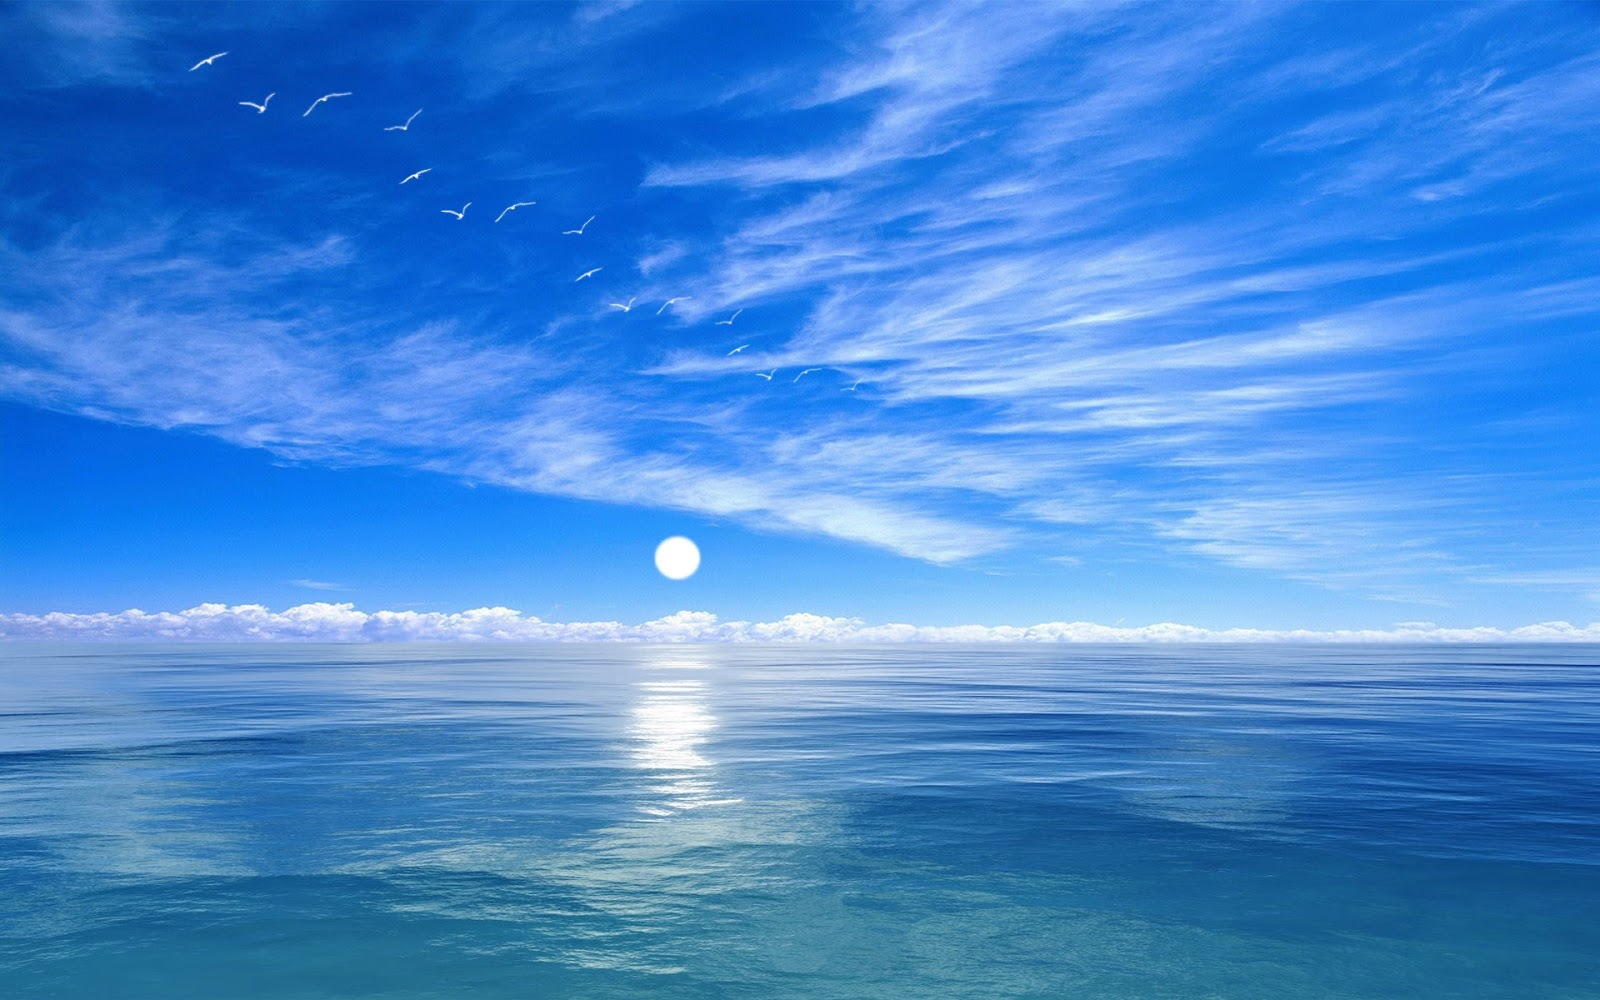 hình nền bầu trời, biển và xa xa là những cánh chim